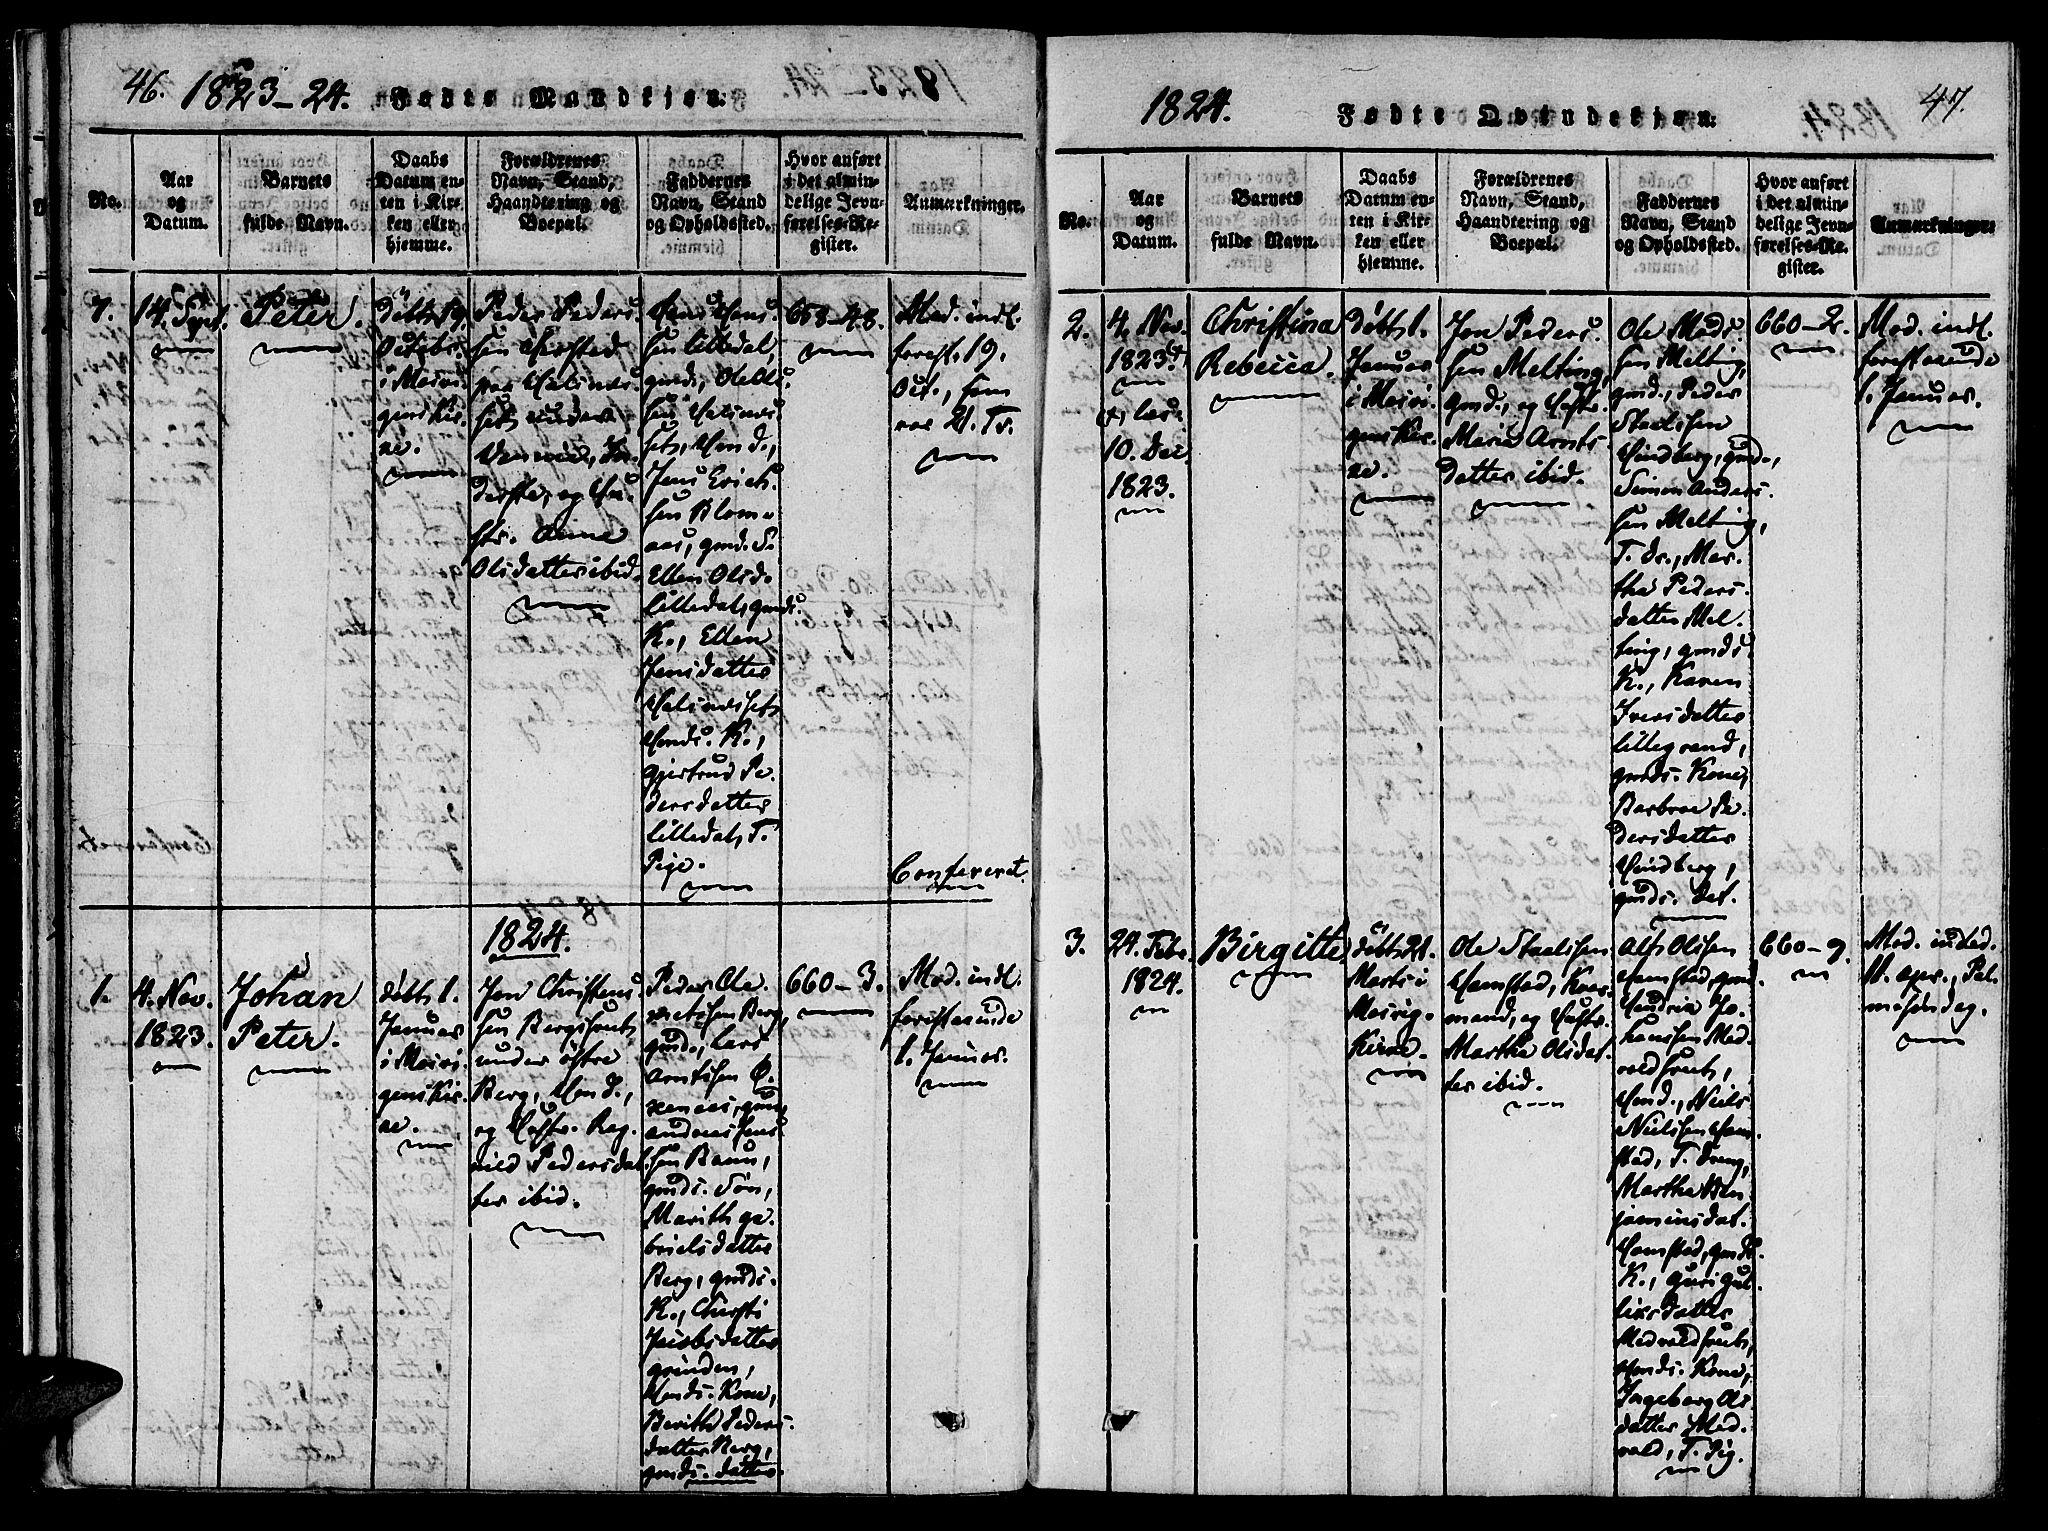 SAT, Ministerialprotokoller, klokkerbøker og fødselsregistre - Nord-Trøndelag, 733/L0322: Ministerialbok nr. 733A01, 1817-1842, s. 46-47